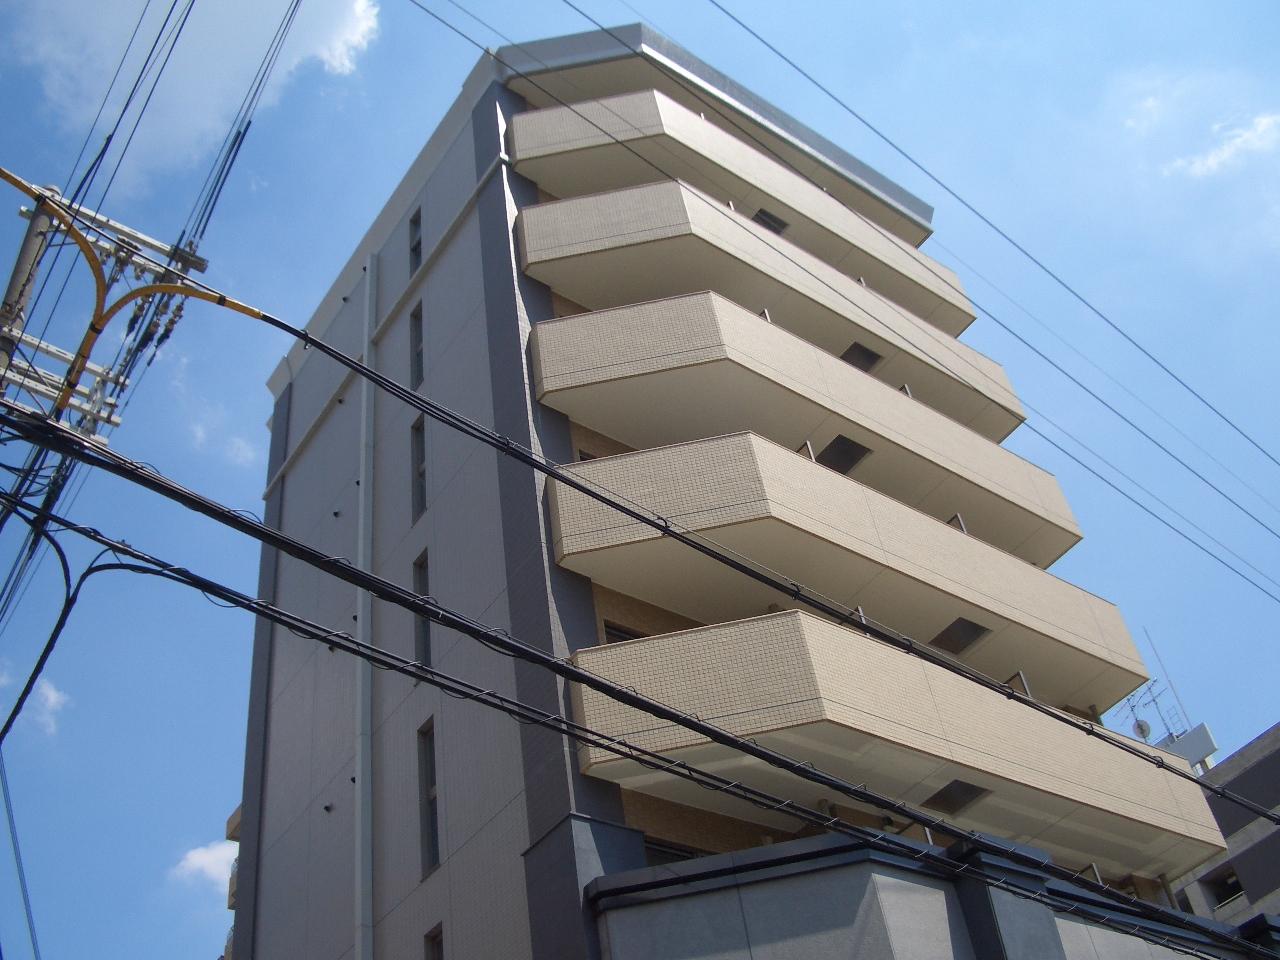 物件番号: 1068114652 ロイヤルレジデンス新大阪  大阪市淀川区西中島4丁目 1R マンション 外観画像